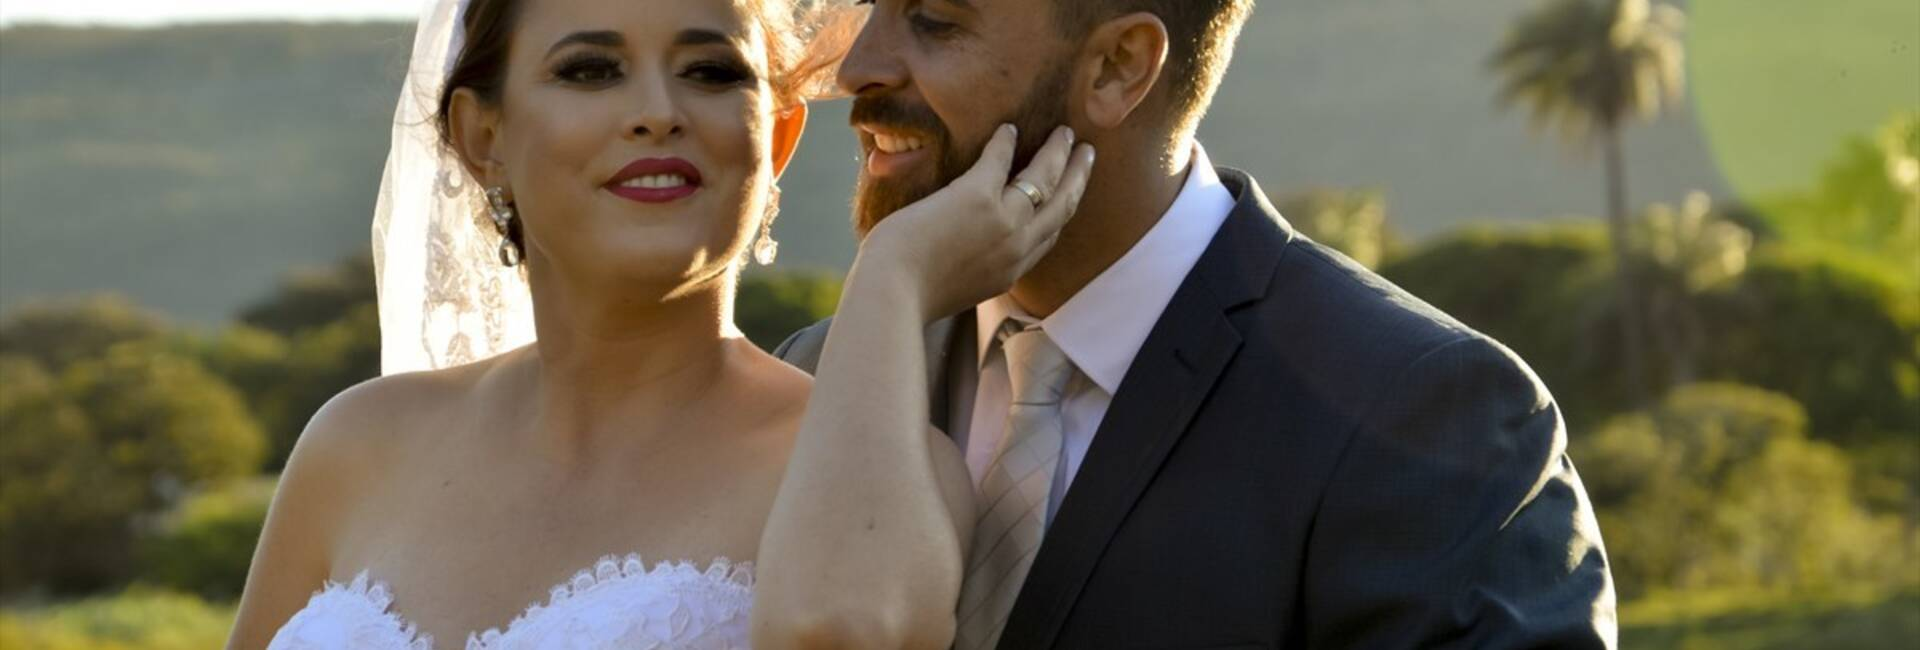 Casamento e Pos Elaine e Rodrigo  de Casamento Elaine + Rodrigo